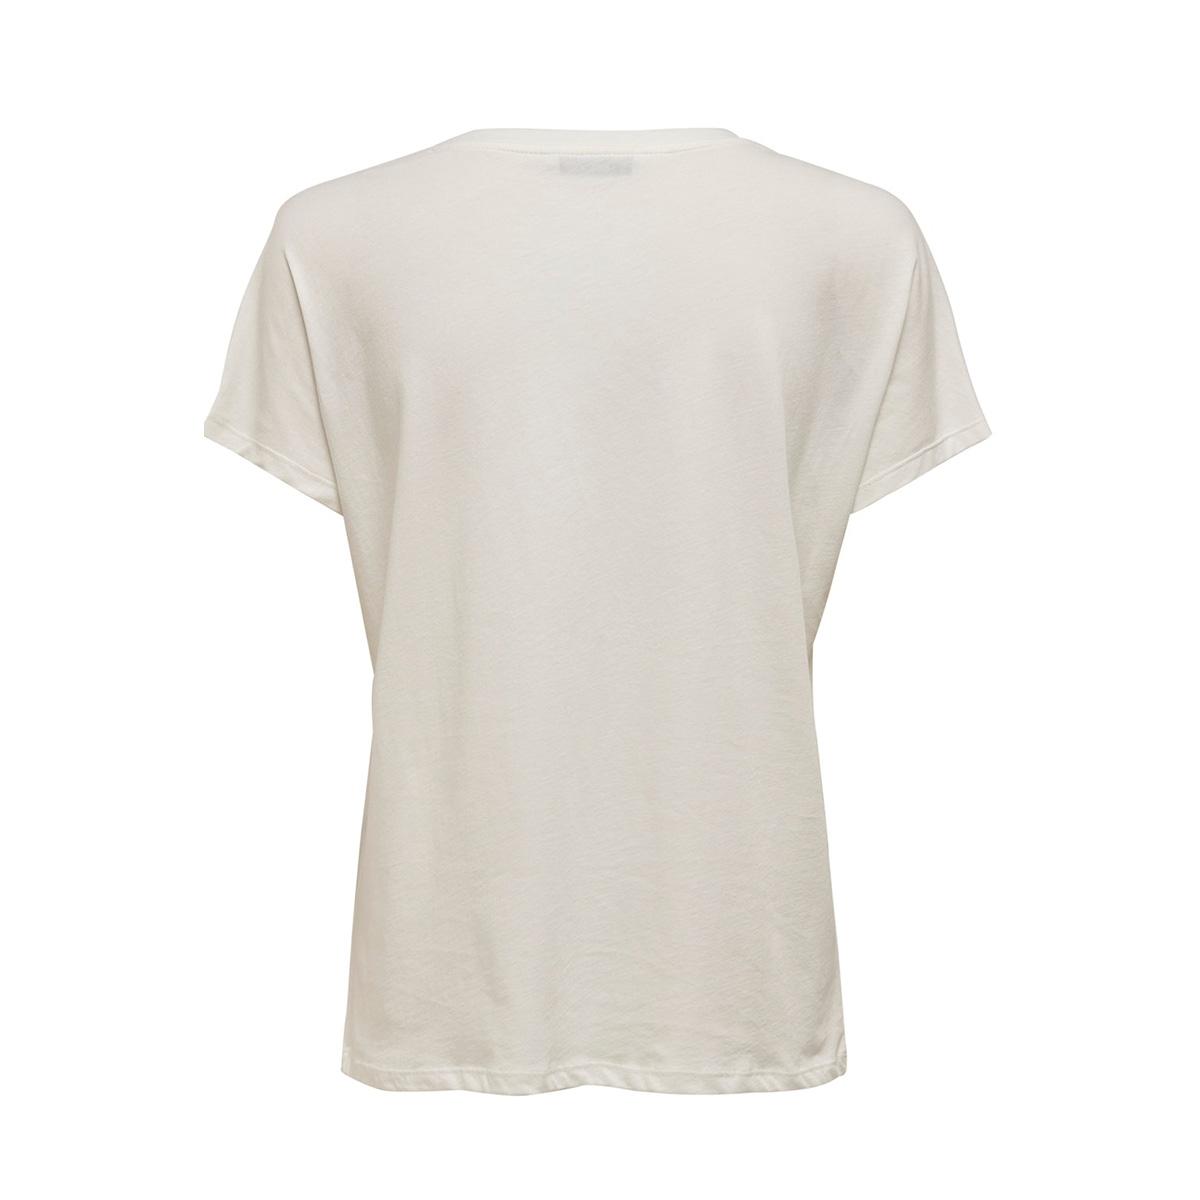 jdyjaime s/s seq top jrs exp 15203344 jacqueline de yong t-shirt cloud dancer/no more dr